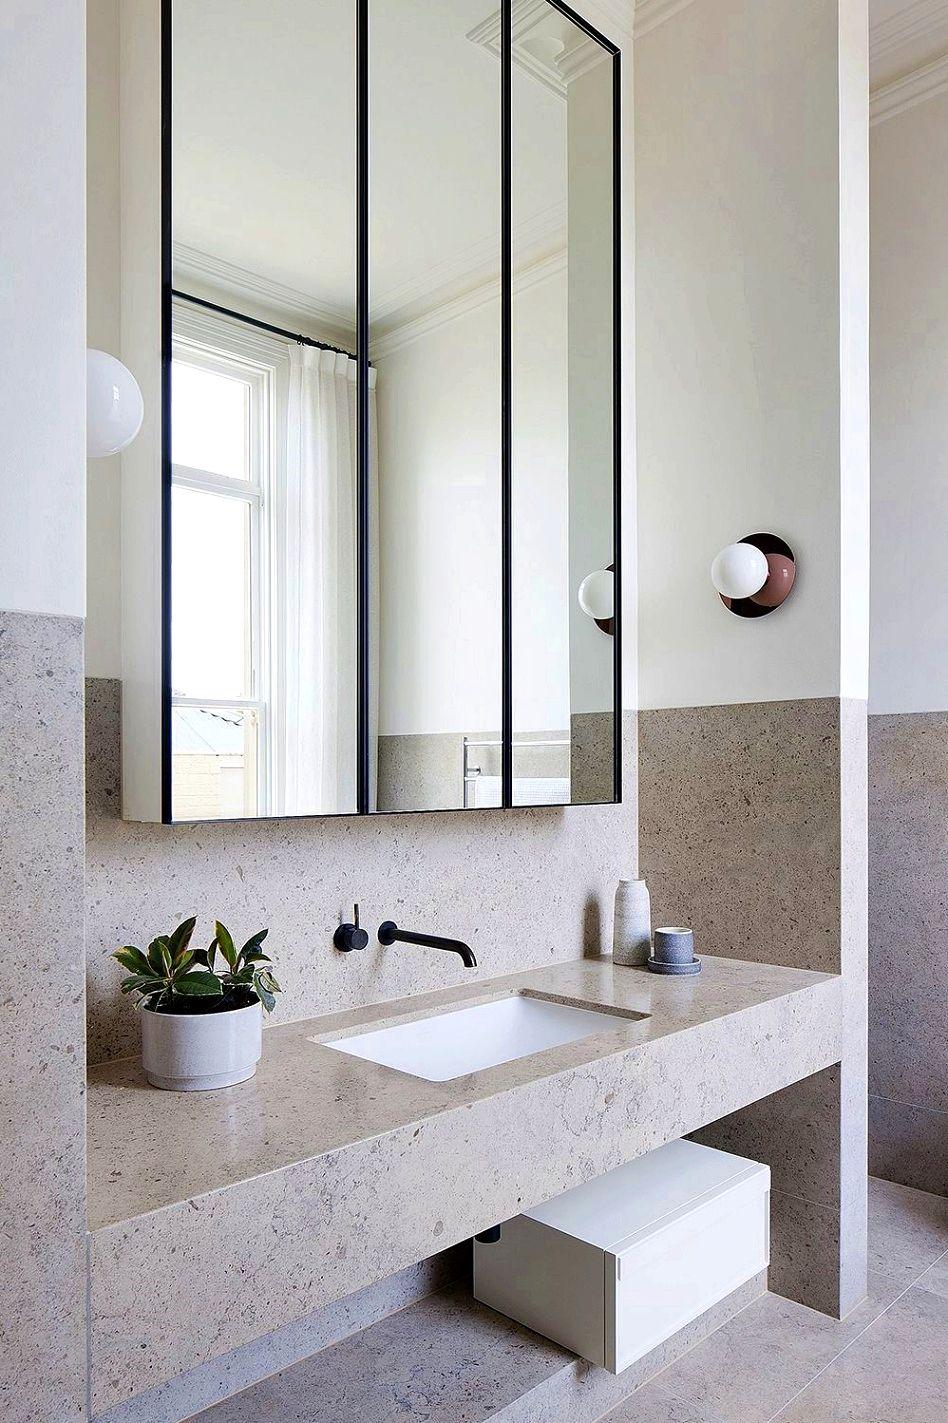 """Pin De Н""""ð""""·ð""""ªð""""¼ð""""½ð""""ªð""""¼ð""""²ð""""³ð""""ª En Bathroom Renovation And Remodelling Mesadas Para Banos Diseno De Banos Banos Interiores"""